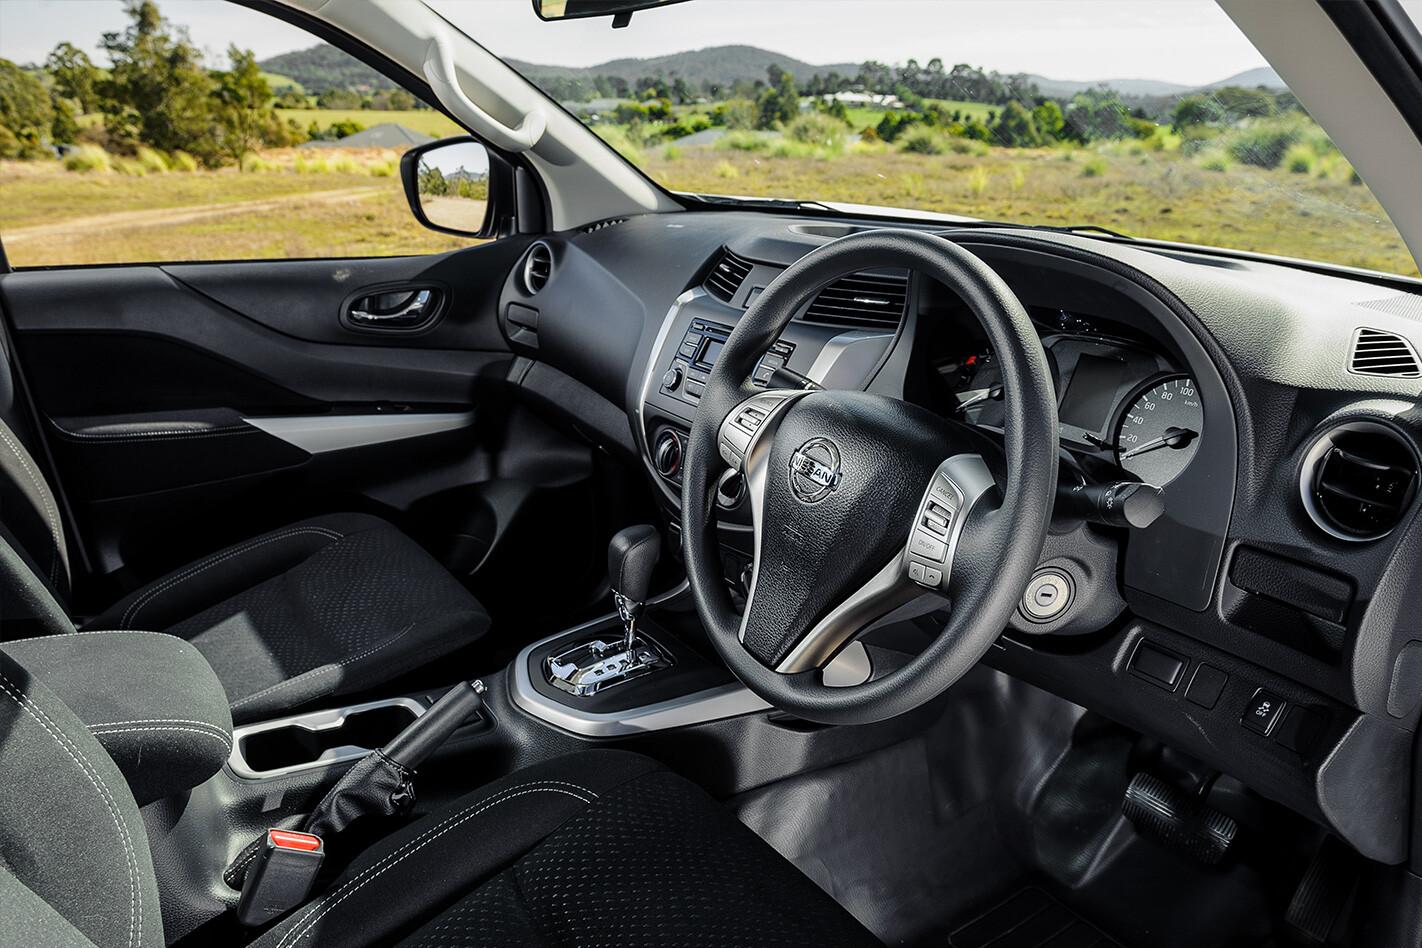 Nissan Navara Interior Jpg